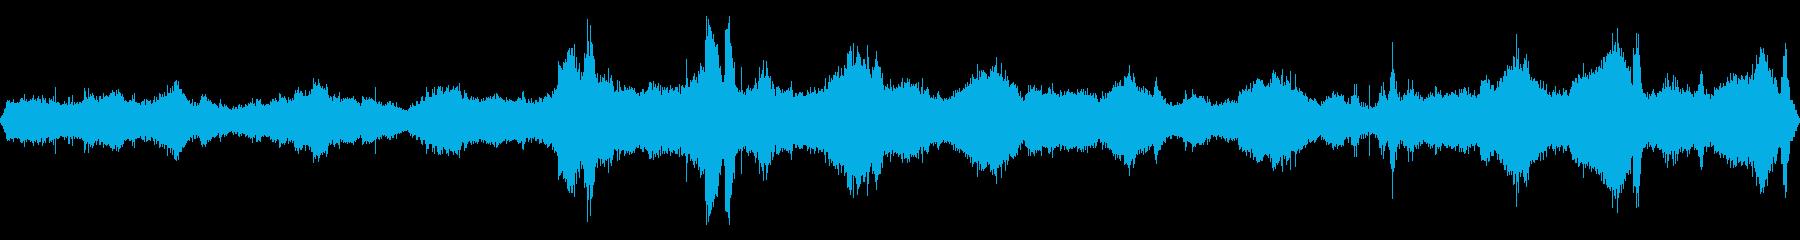 岩場付近の荒々しい波音【大浜海岸、秋】の再生済みの波形